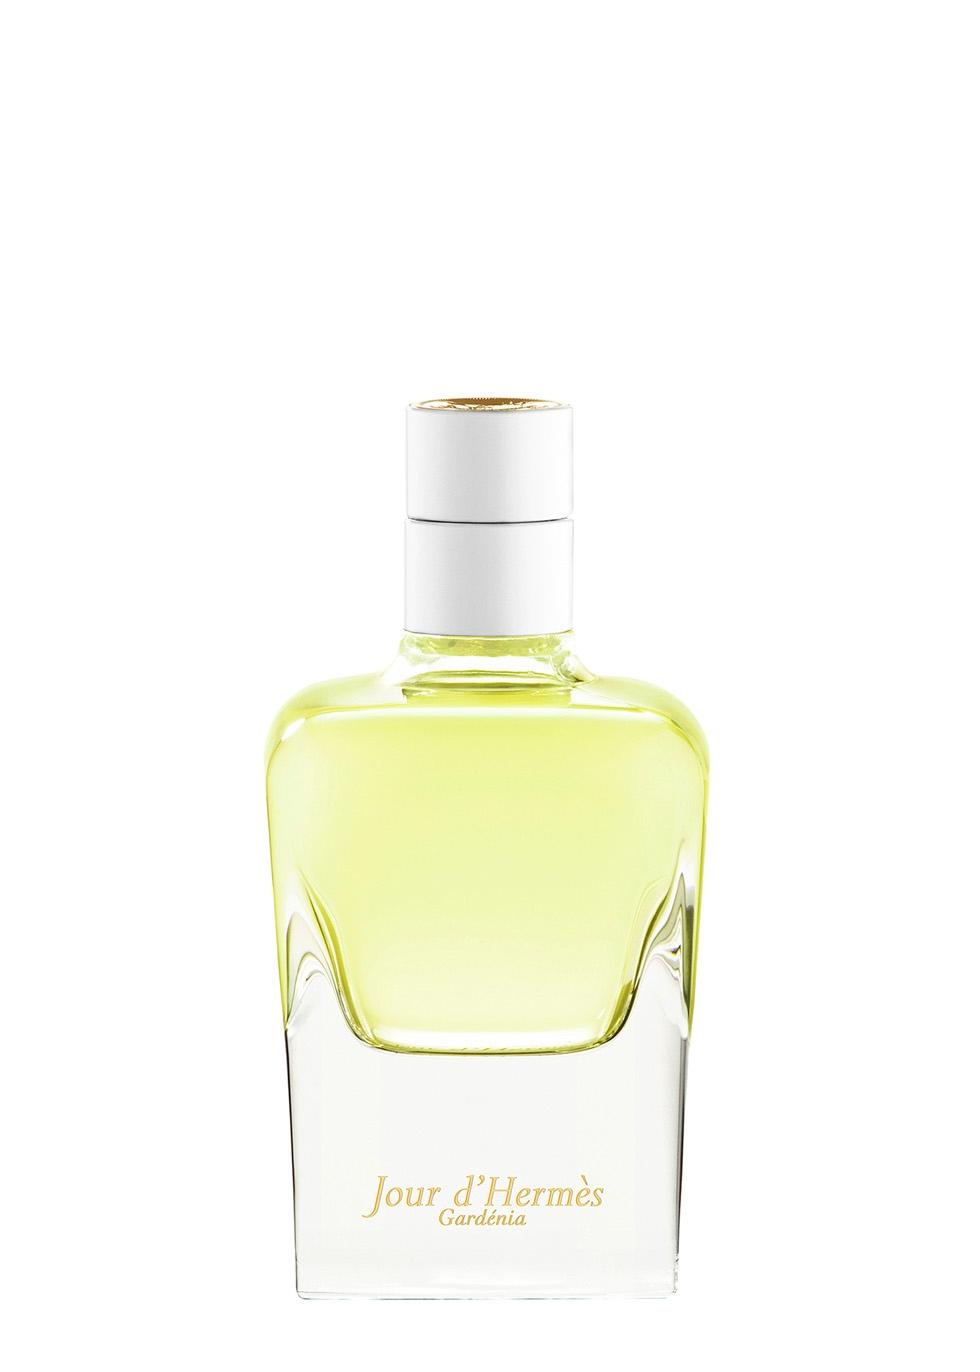 Jour d'Hermès Gardénia - Eau de Parfum 85 ml